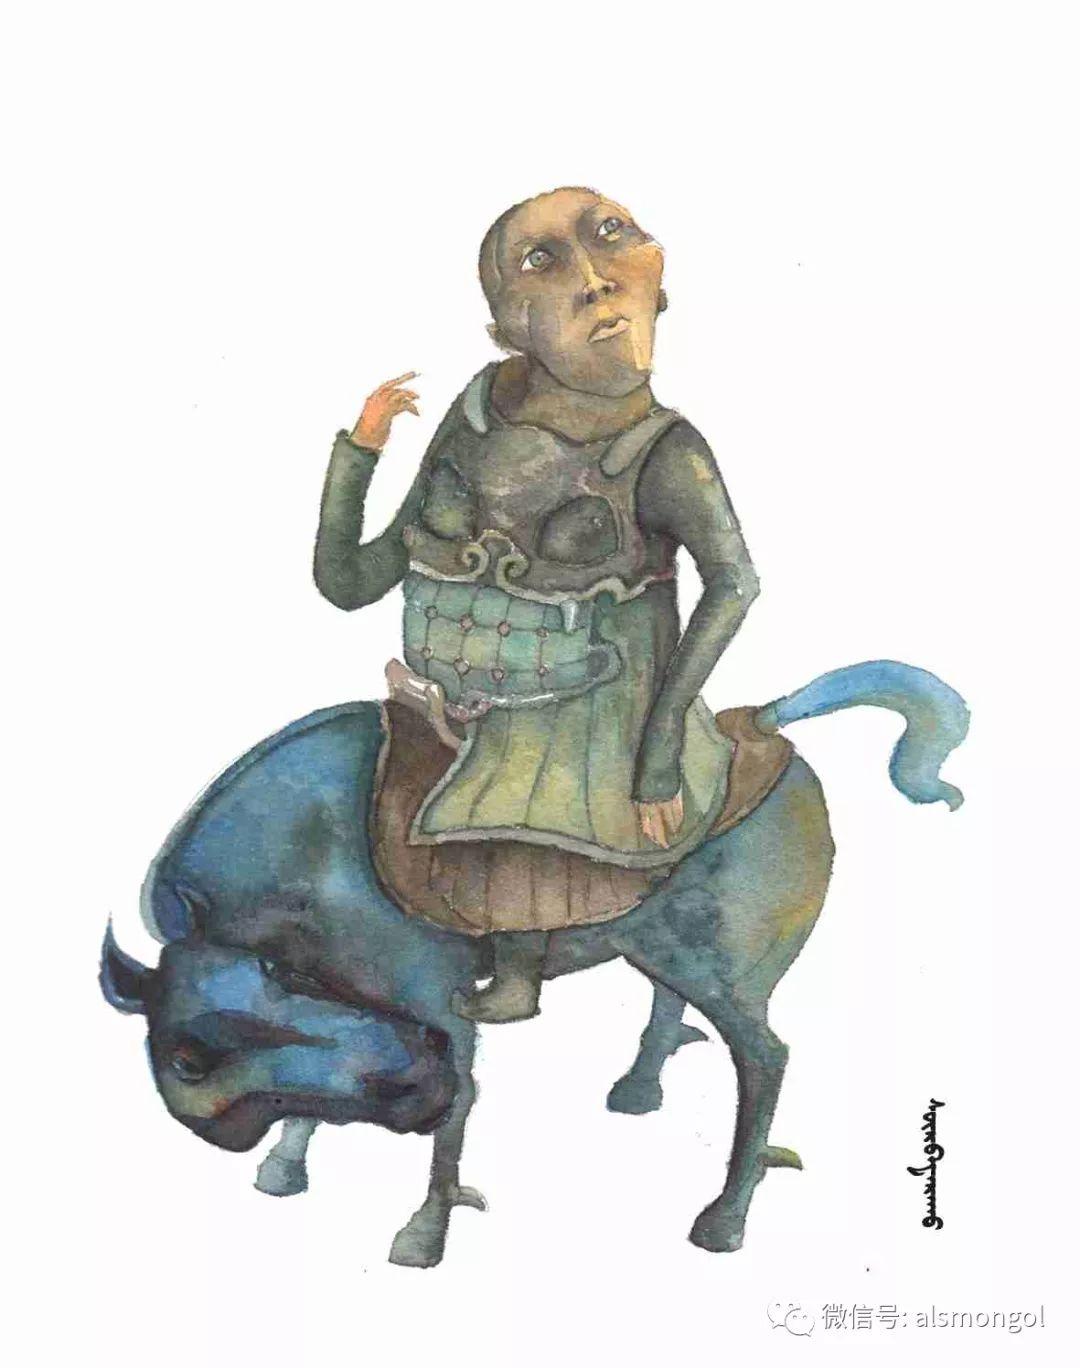 【智慧蒙古】人美画更美,年轻画家海乐和她的绘画作品! 第22张